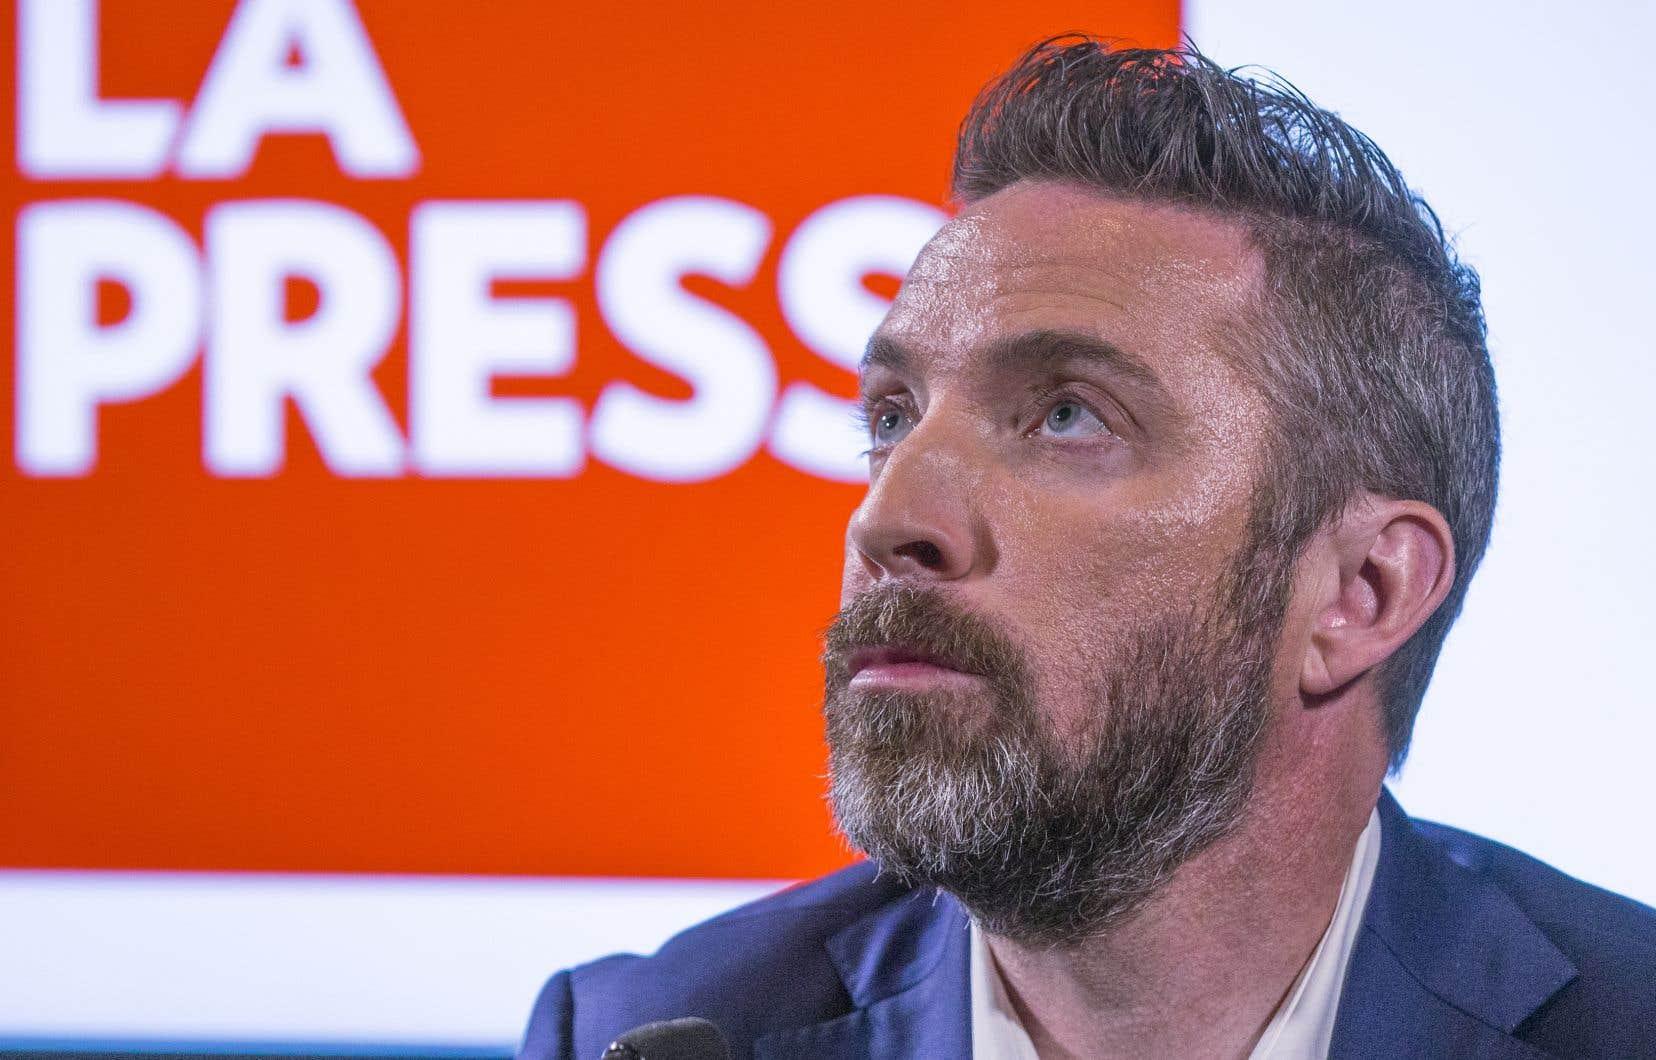 Le président de «La Presse», Guy Crevier, a annoncé mardi la transformation du média en organisme à but non lucratif.